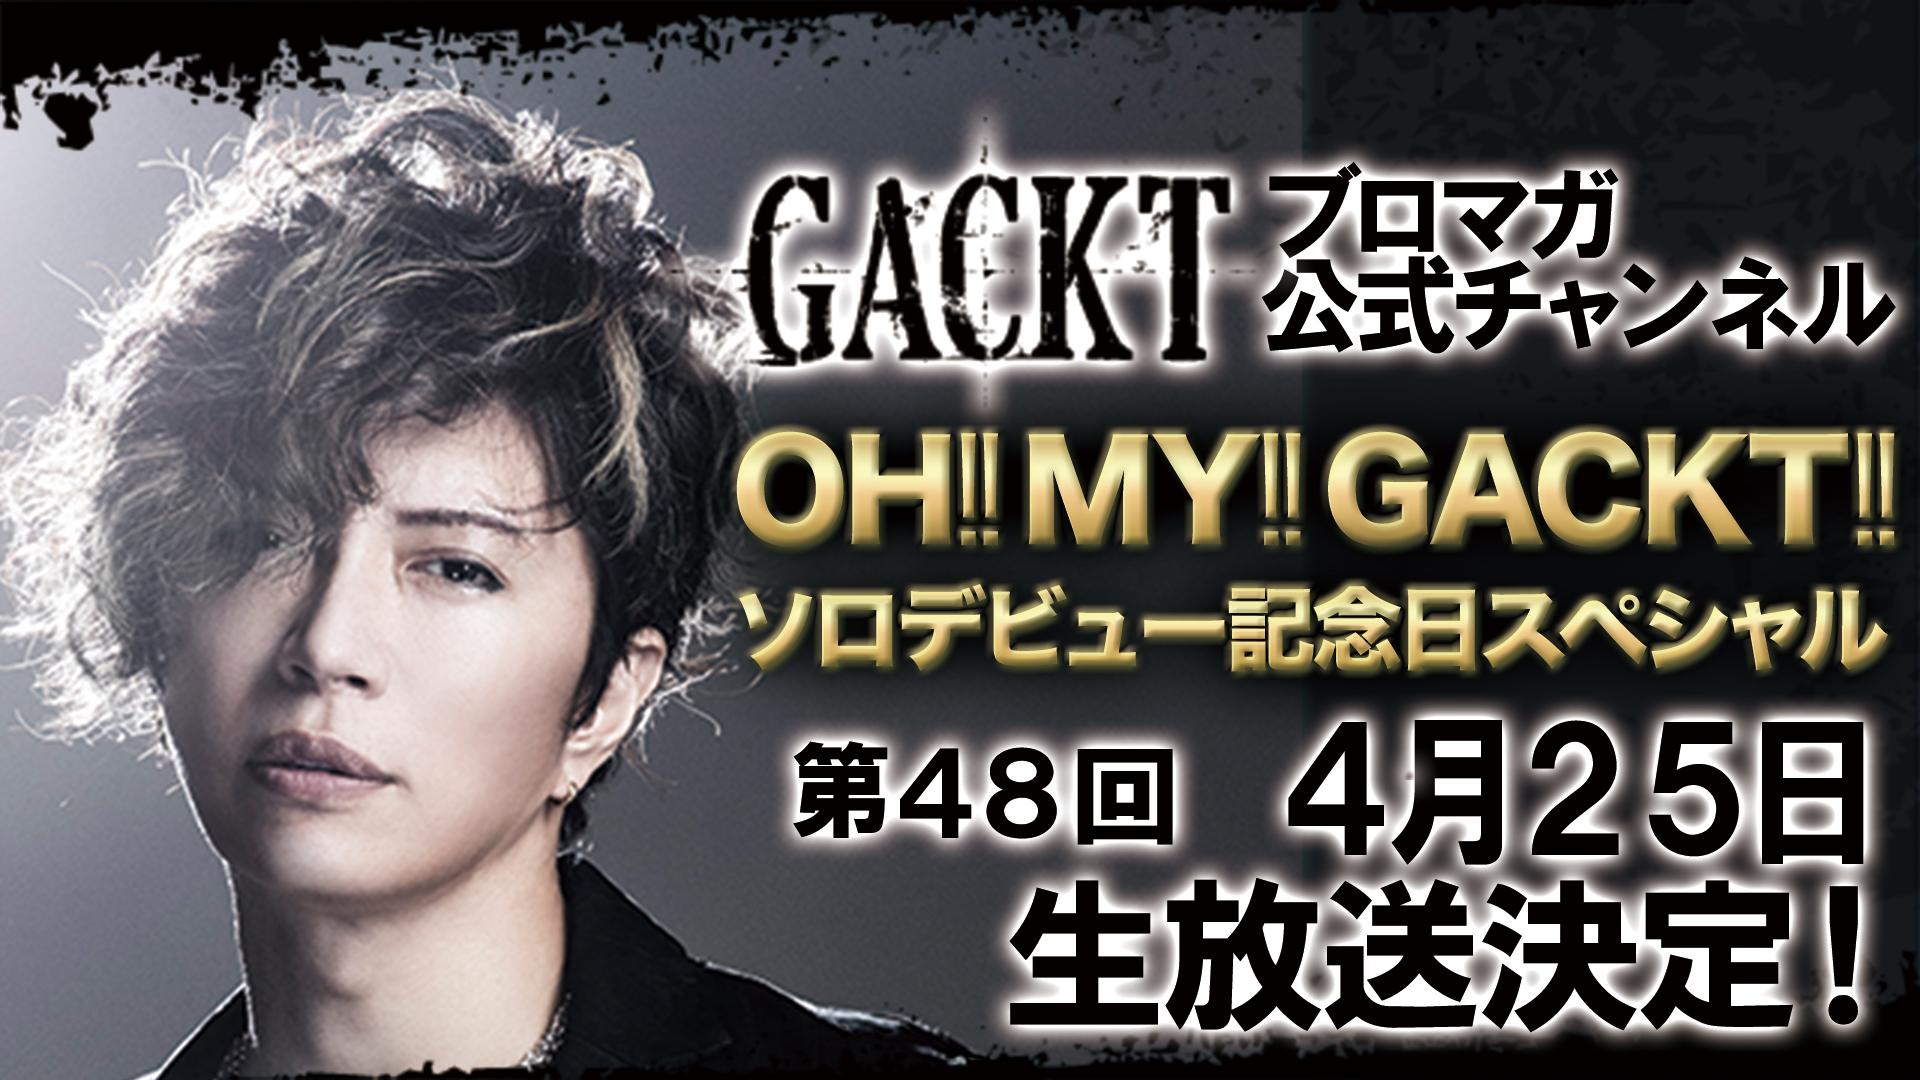 第48回「OH!! MY!! GACKT!!」ソロデビュー記念日スペシャル放送日決定 ...